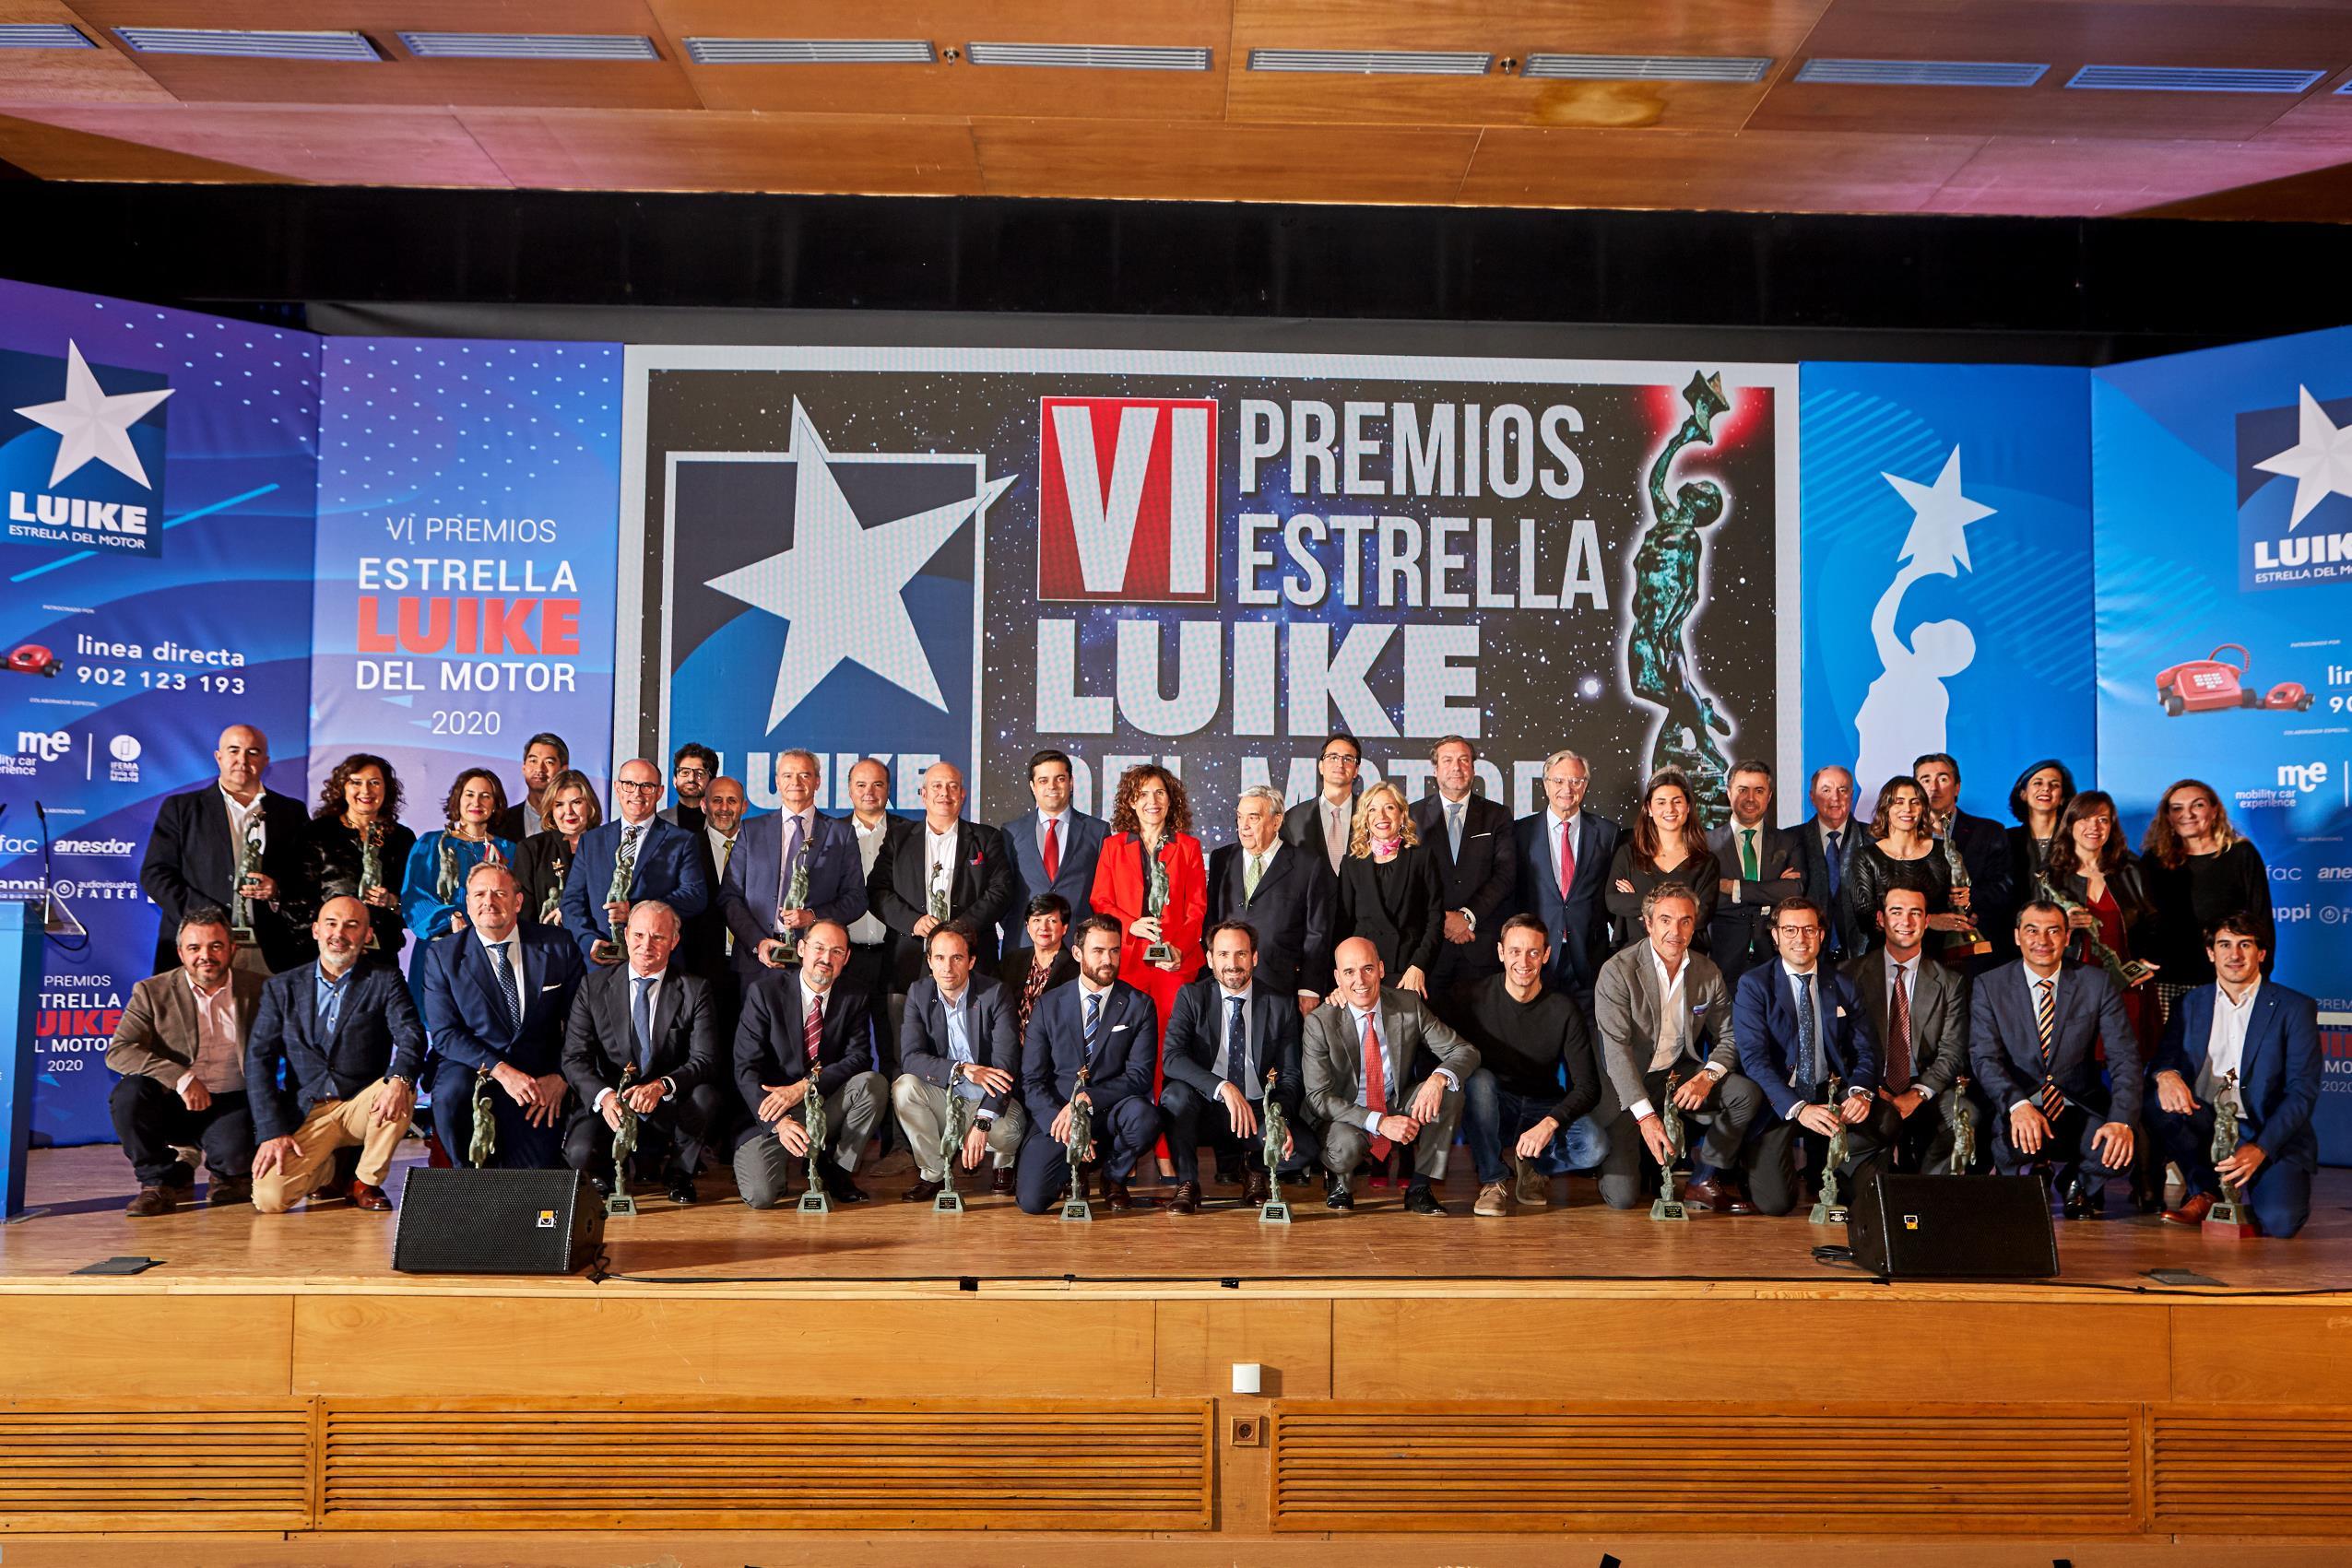 Premios Luike Estrella del Motor 2020